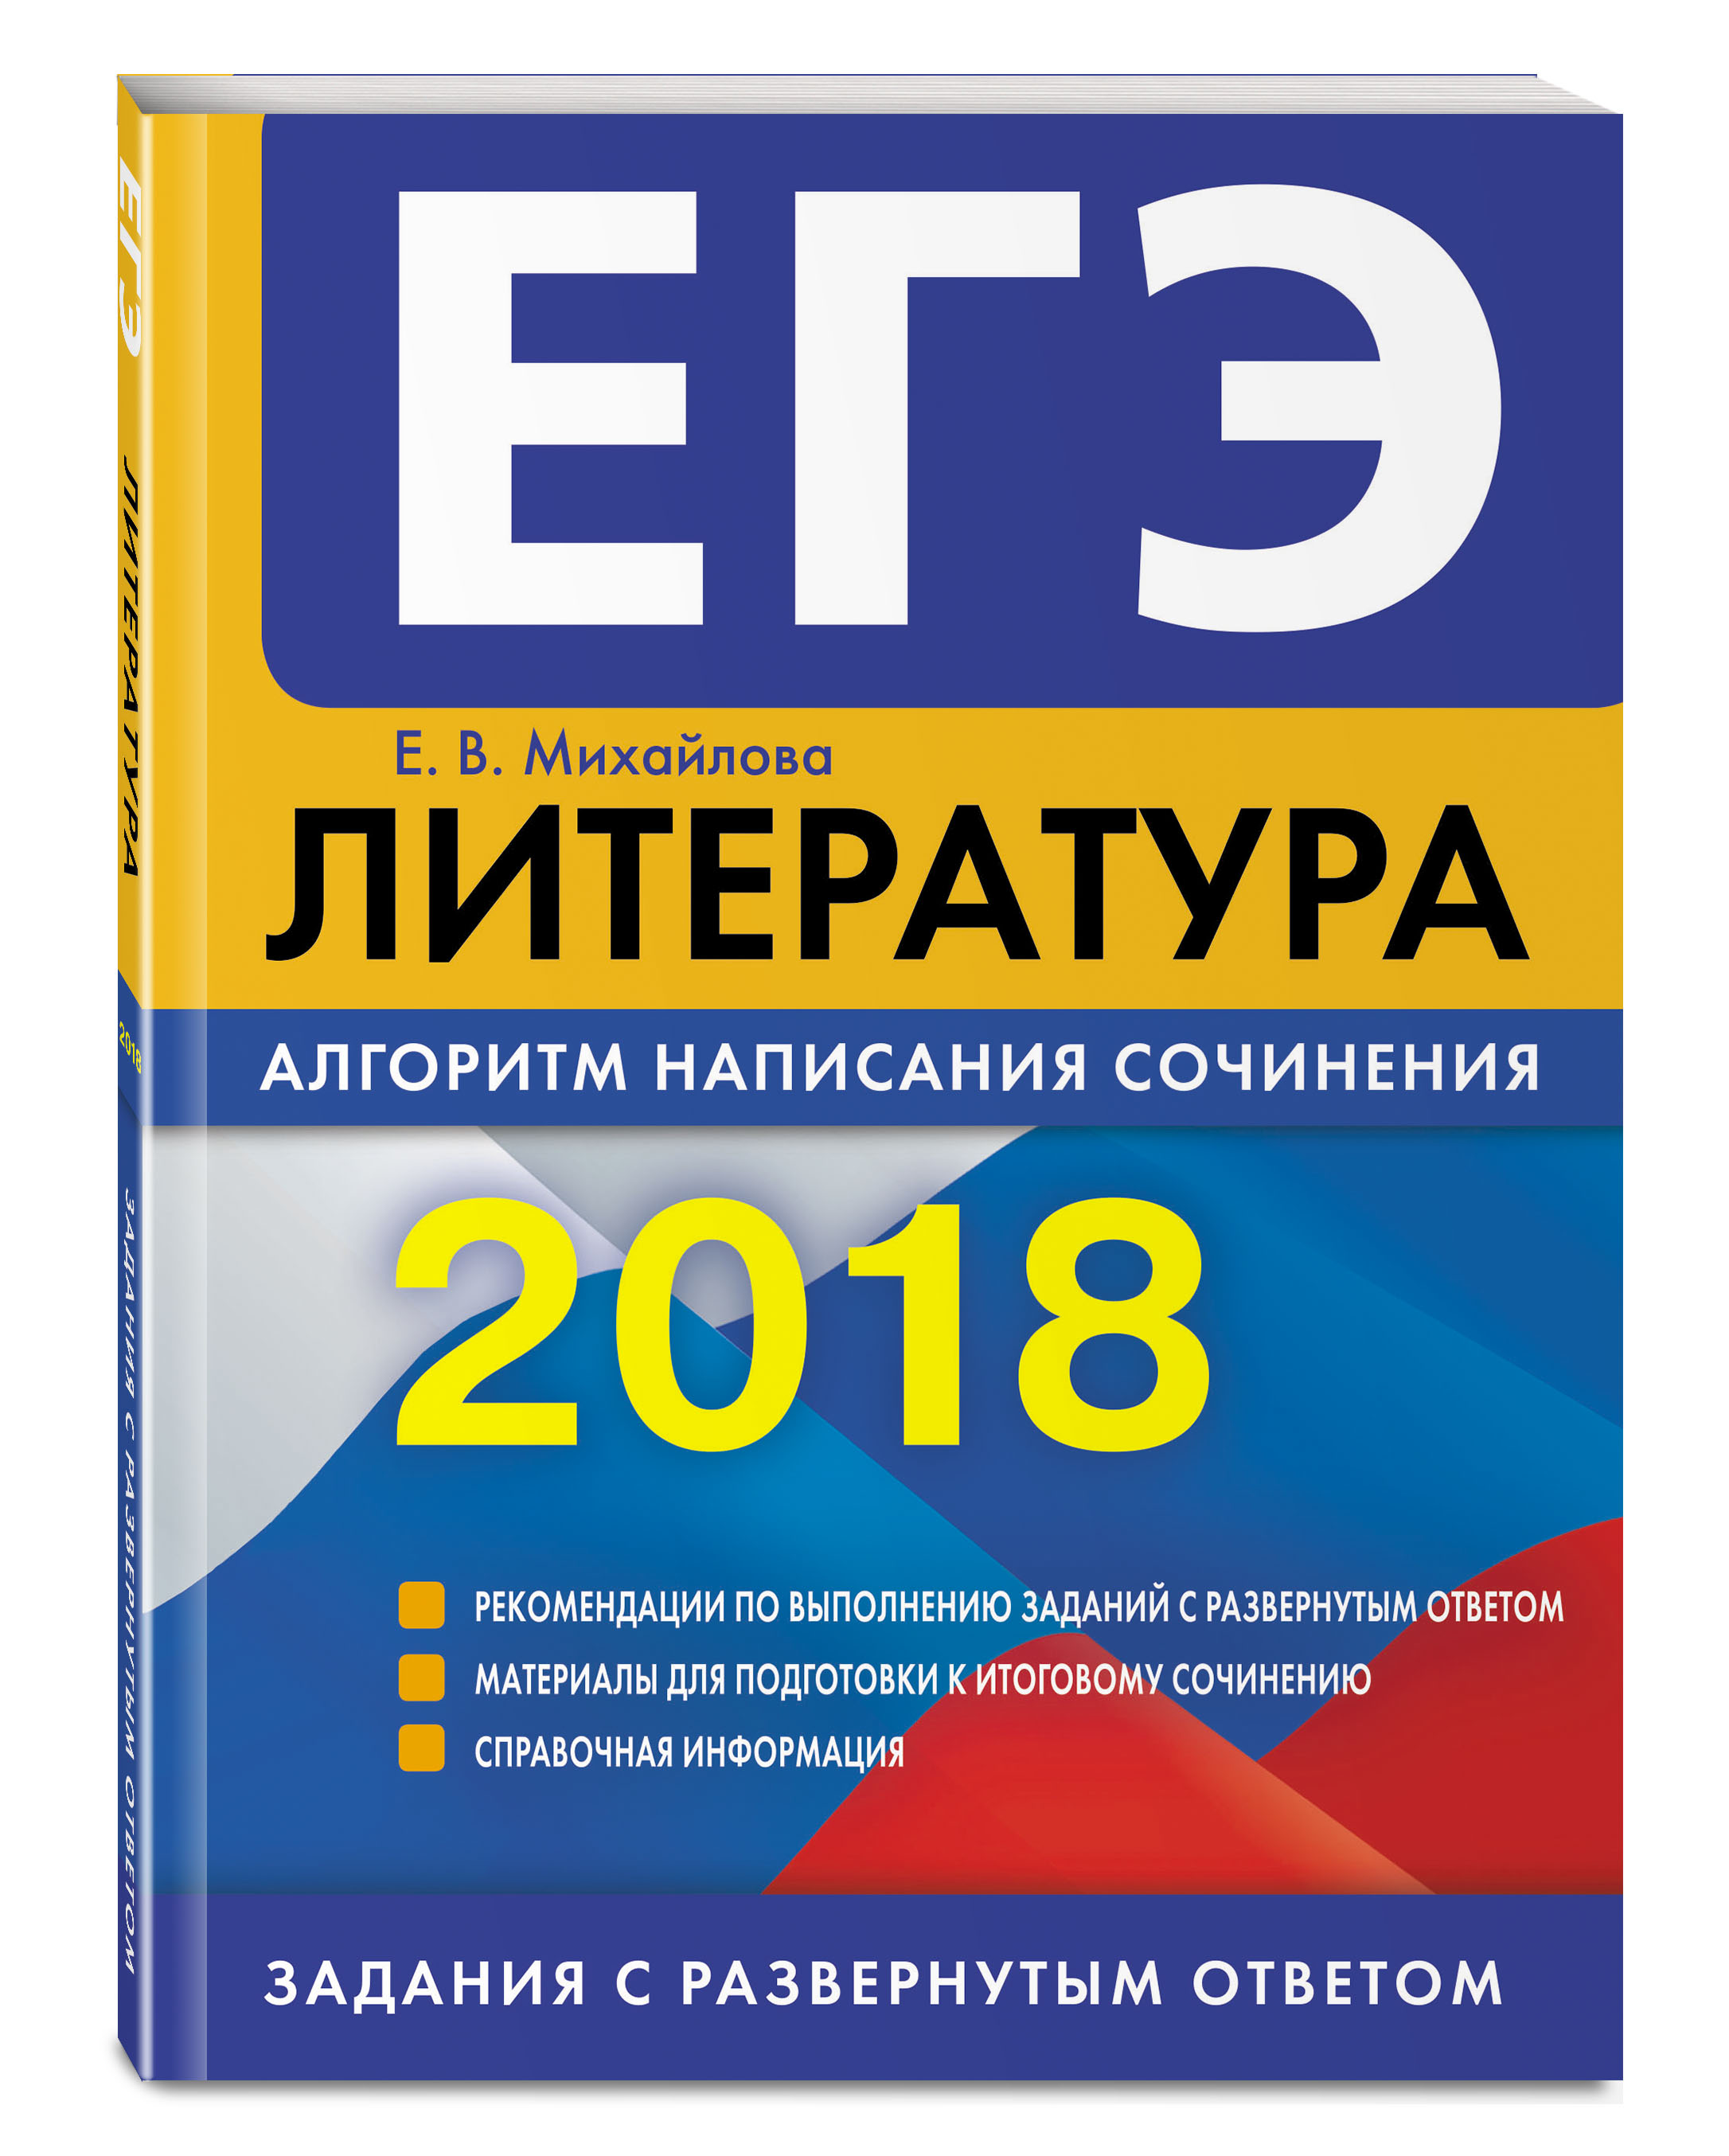 ЕГЭ-2018. Литература. Алгоритм написания сочинения